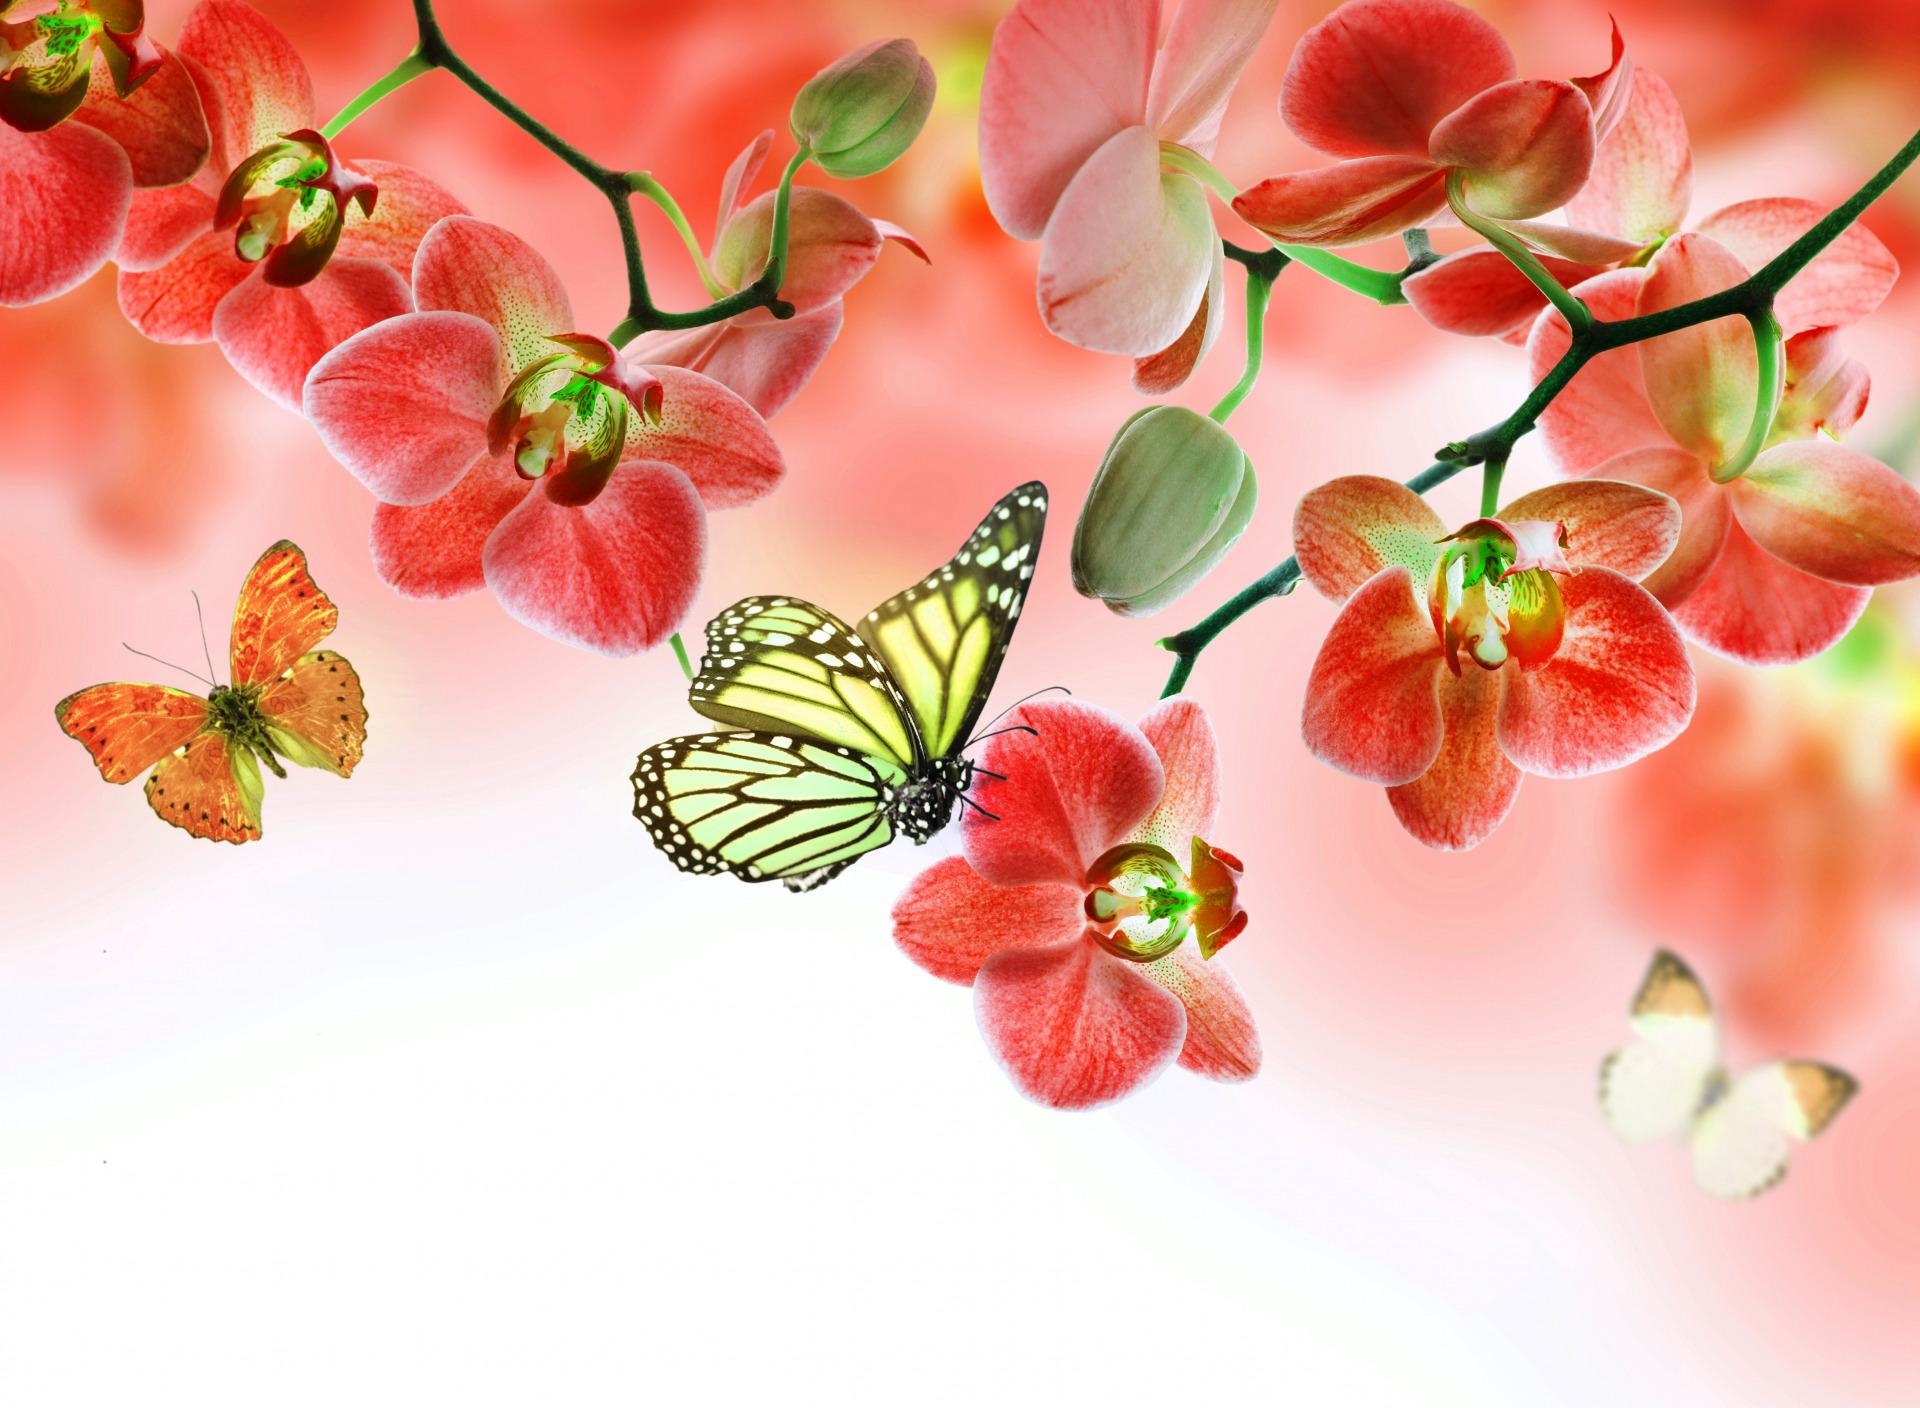 картинки с цветами большого разрешения для печати